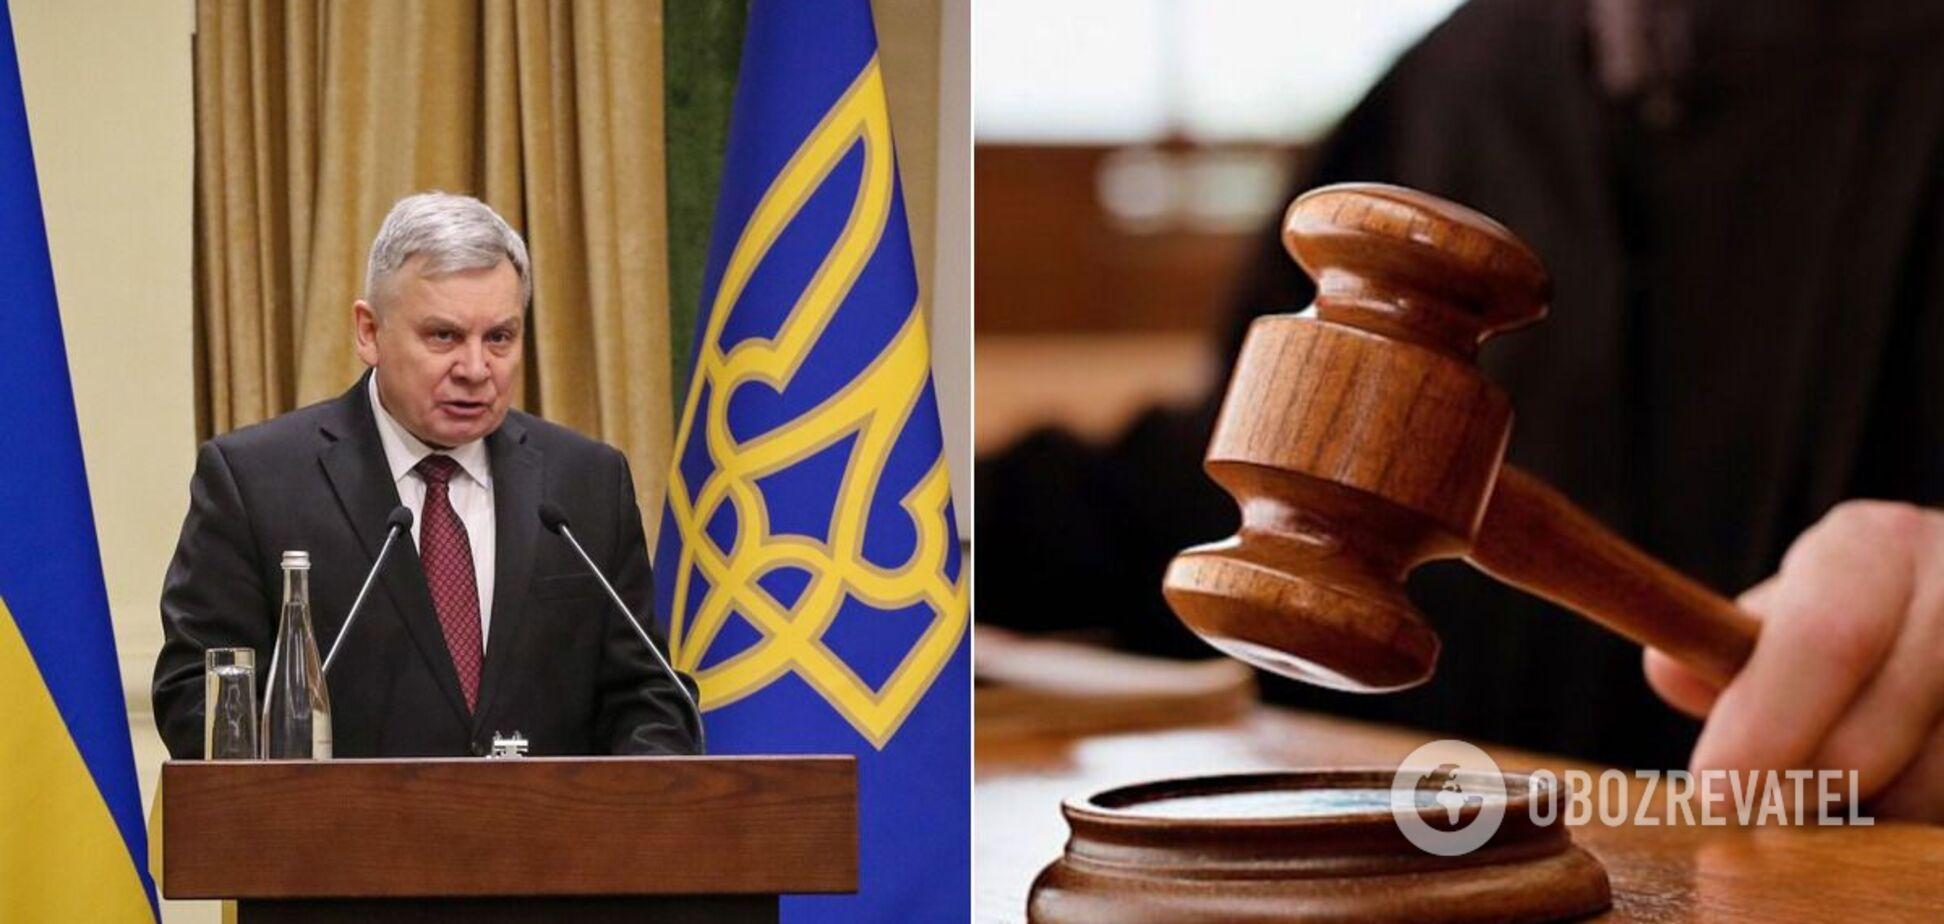 'Прекратите это!' Ирина Верещук высказалась о противостоянии между руководством ВСУ и МОУ